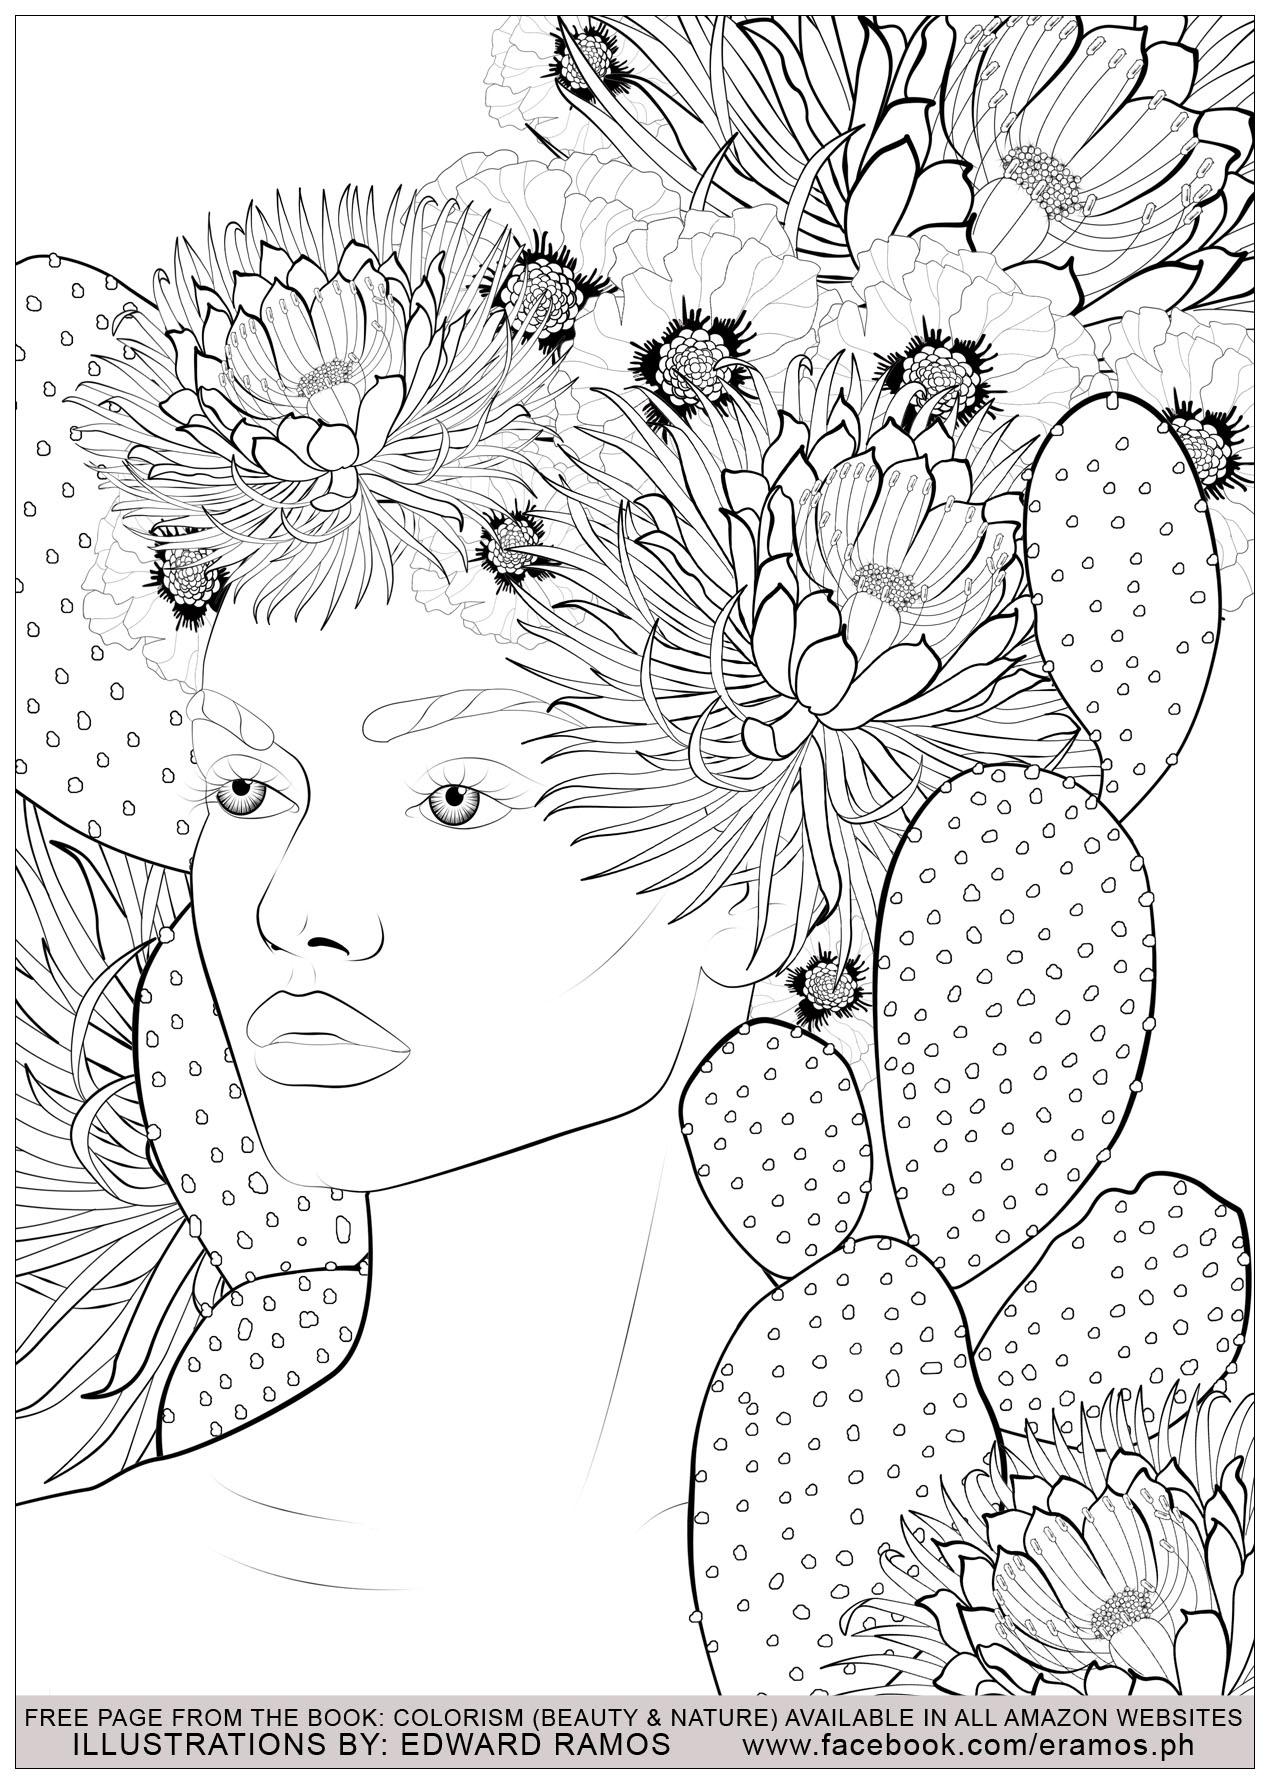 Disegni da colorare per adulti : Anti-stress / Zen - 6 - Immagine comprendente : Donna